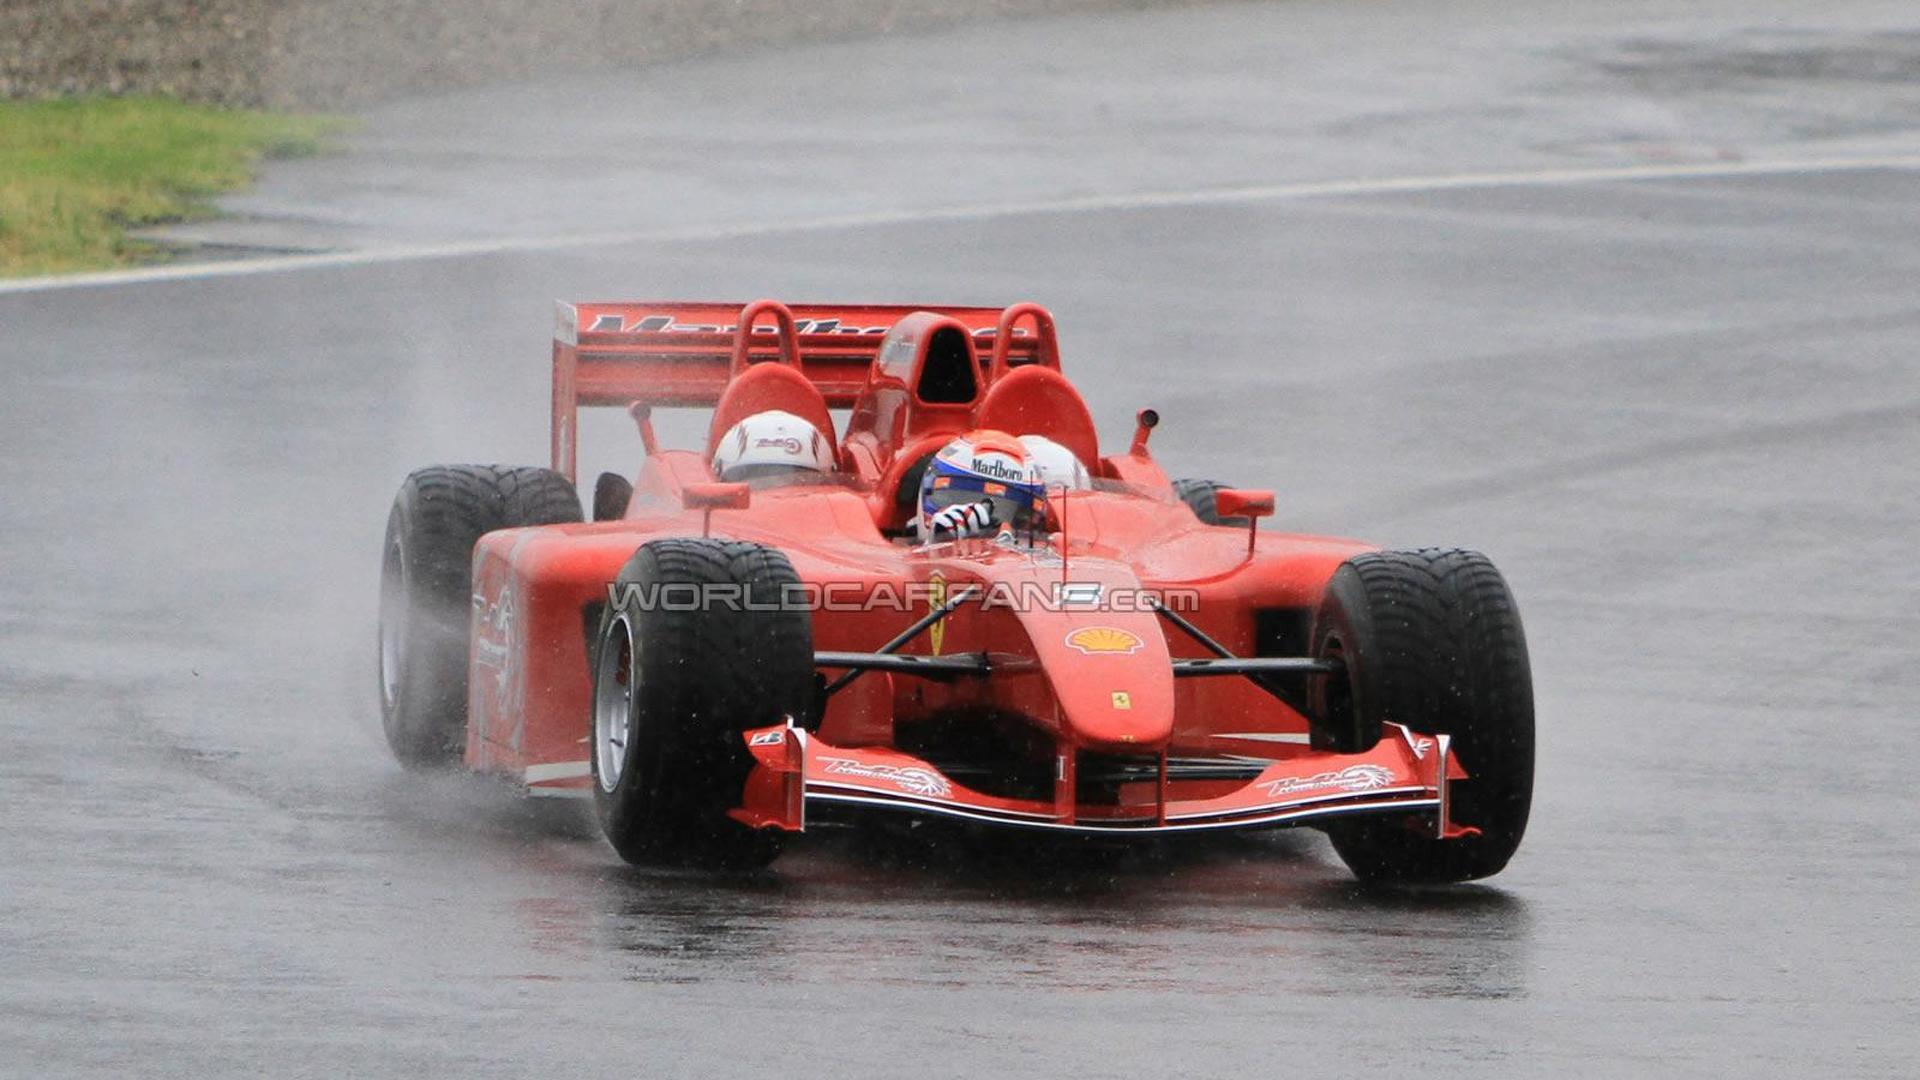 Ferrari F1 3 Seater Marlboro Red Rush Spied Testing In Fiorano